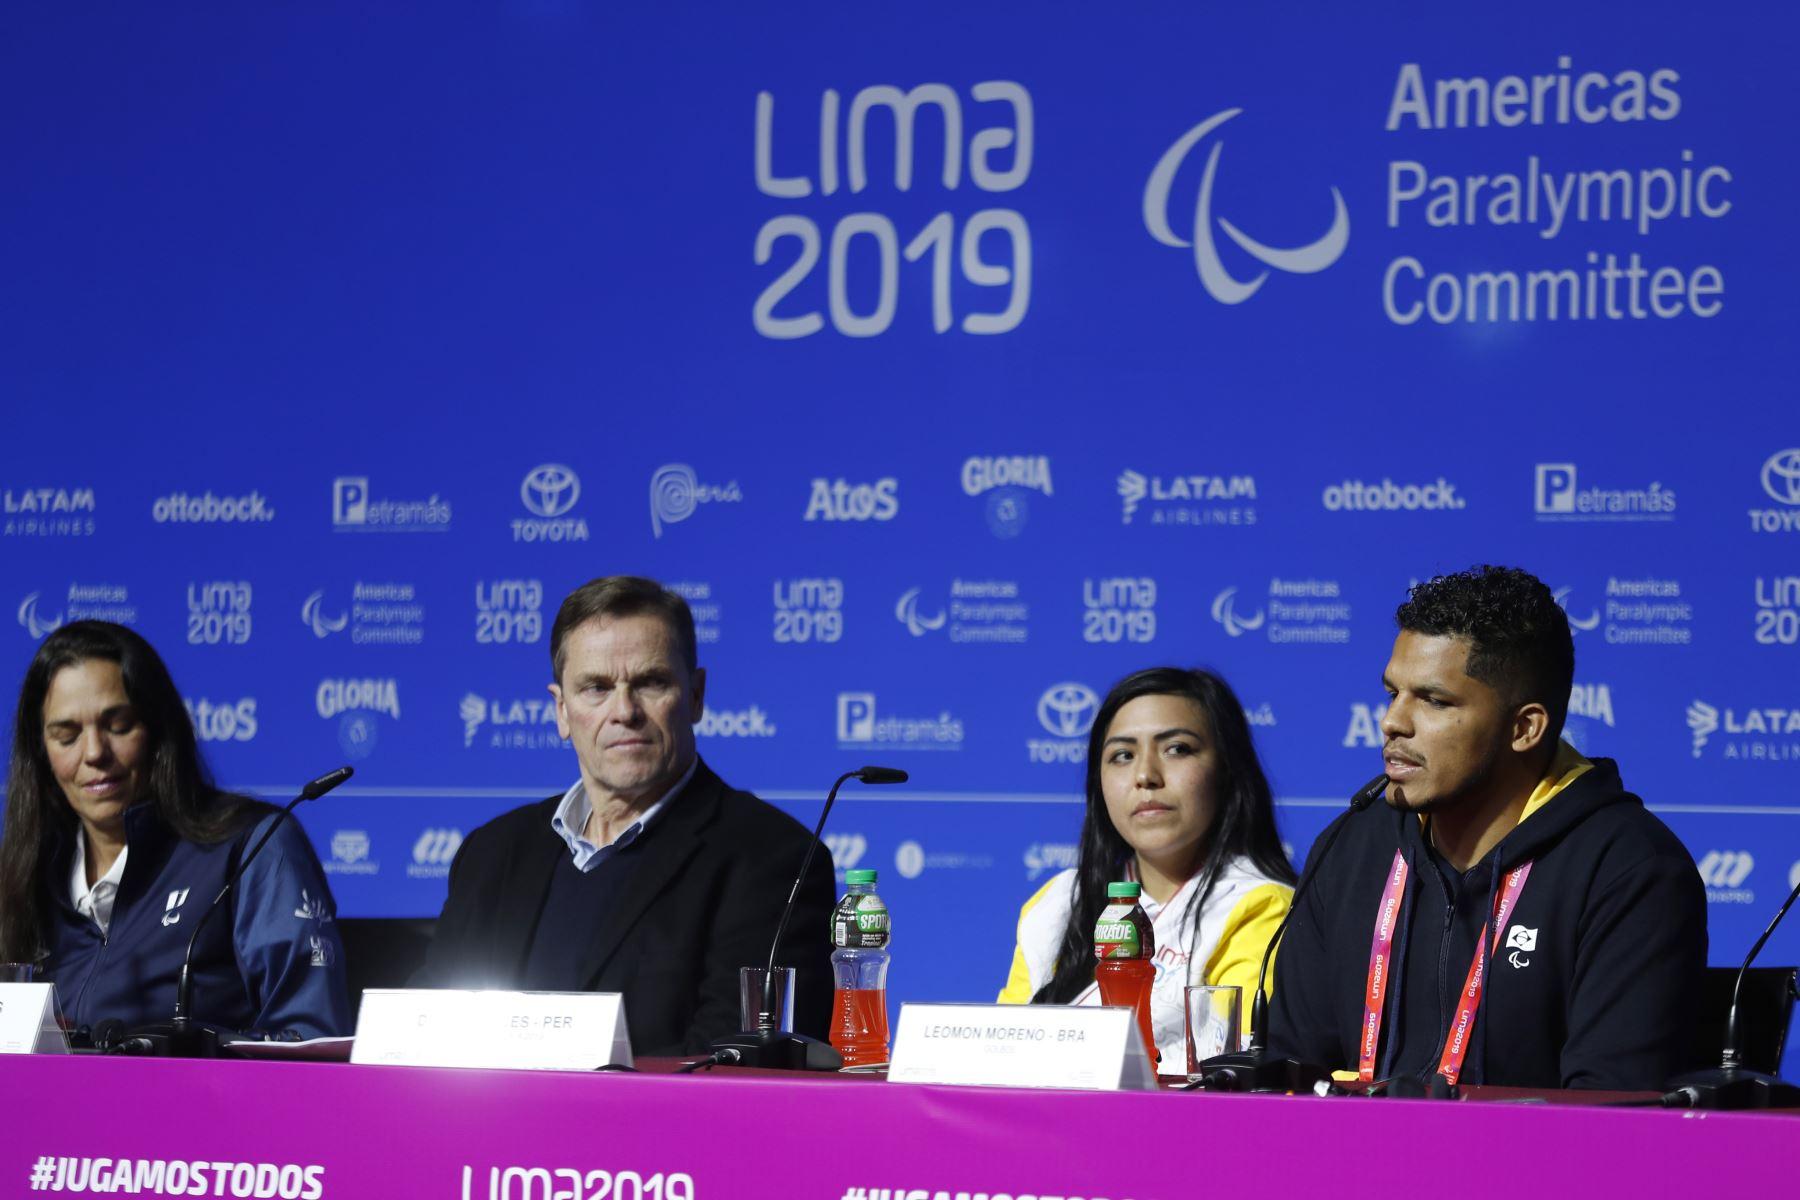 Presentación de la ruta de la Antorcha Parapanamericana, presentada por el Presidente del COPAL, Carlos Neuhaus y Luisa Villar, Presidenta de la Asociación Nacional Paralímpica del Perú. Foto: ANDINA/Josue Ramos